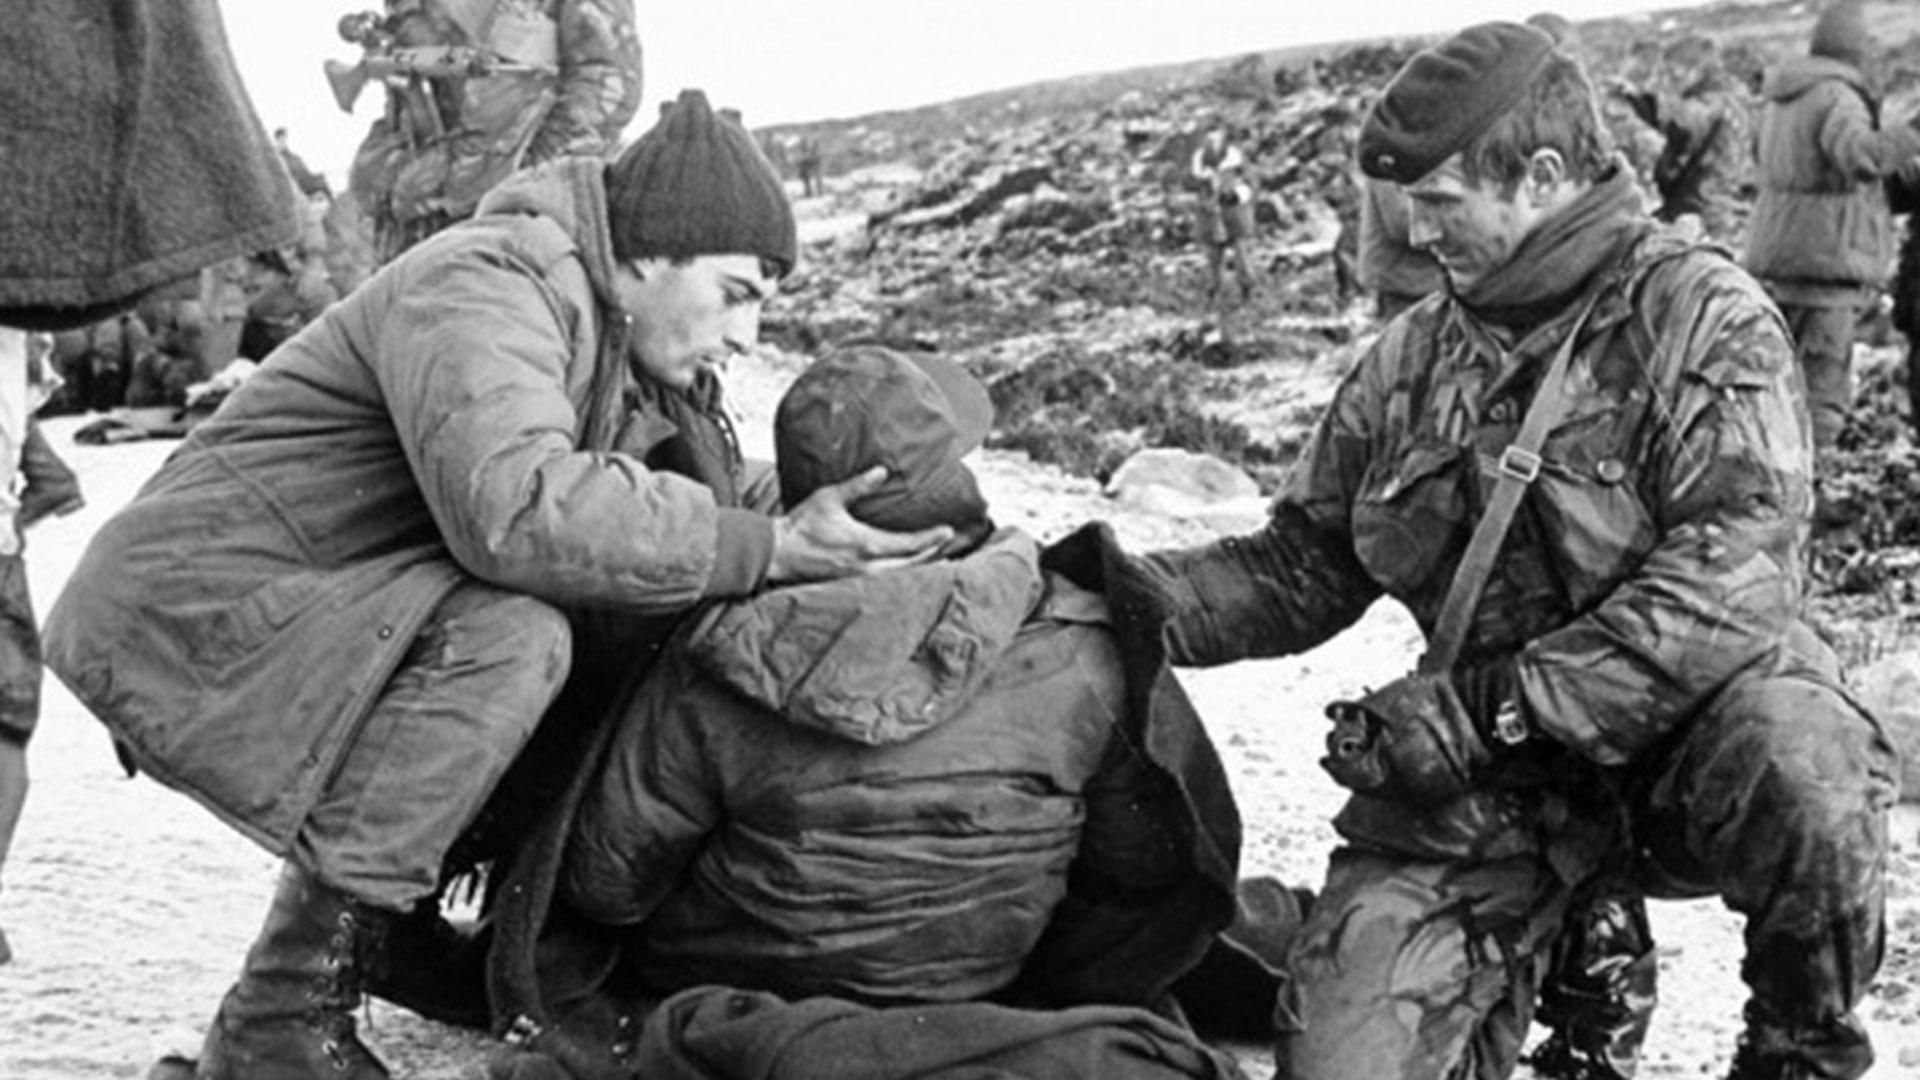 Caídos argentinos: 194 de Ejército (16 oficiales, 35 suboficiales, 143 soldados); 377 de la Armada (323 del Belgrano, 8 del Sobral, 1 del Santa Fe, 1 del Guerrico, 5 del Isla de los Estados, 34 de Infantería, 1 del Apostadero Naval Malvinas y 4 pilotos); 55 de Fuerza Aérea (41 aviadores); 7 de Gendarmería; 2 de Prefectura; 16 agentes civiles